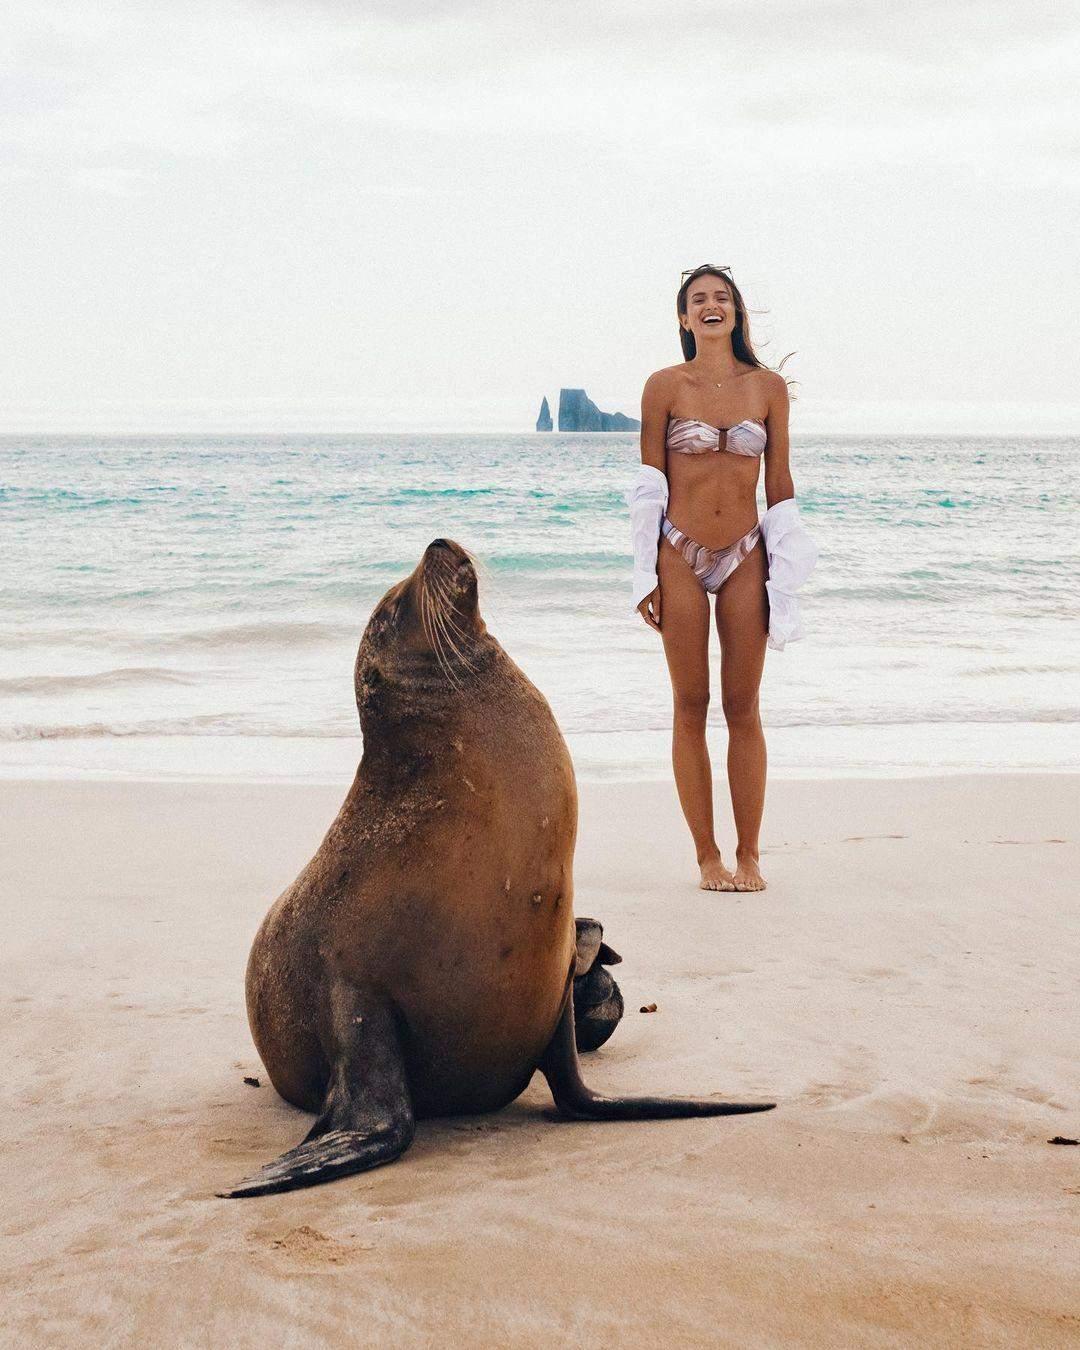 Гелен Овен знялася на пляжі з морським левом